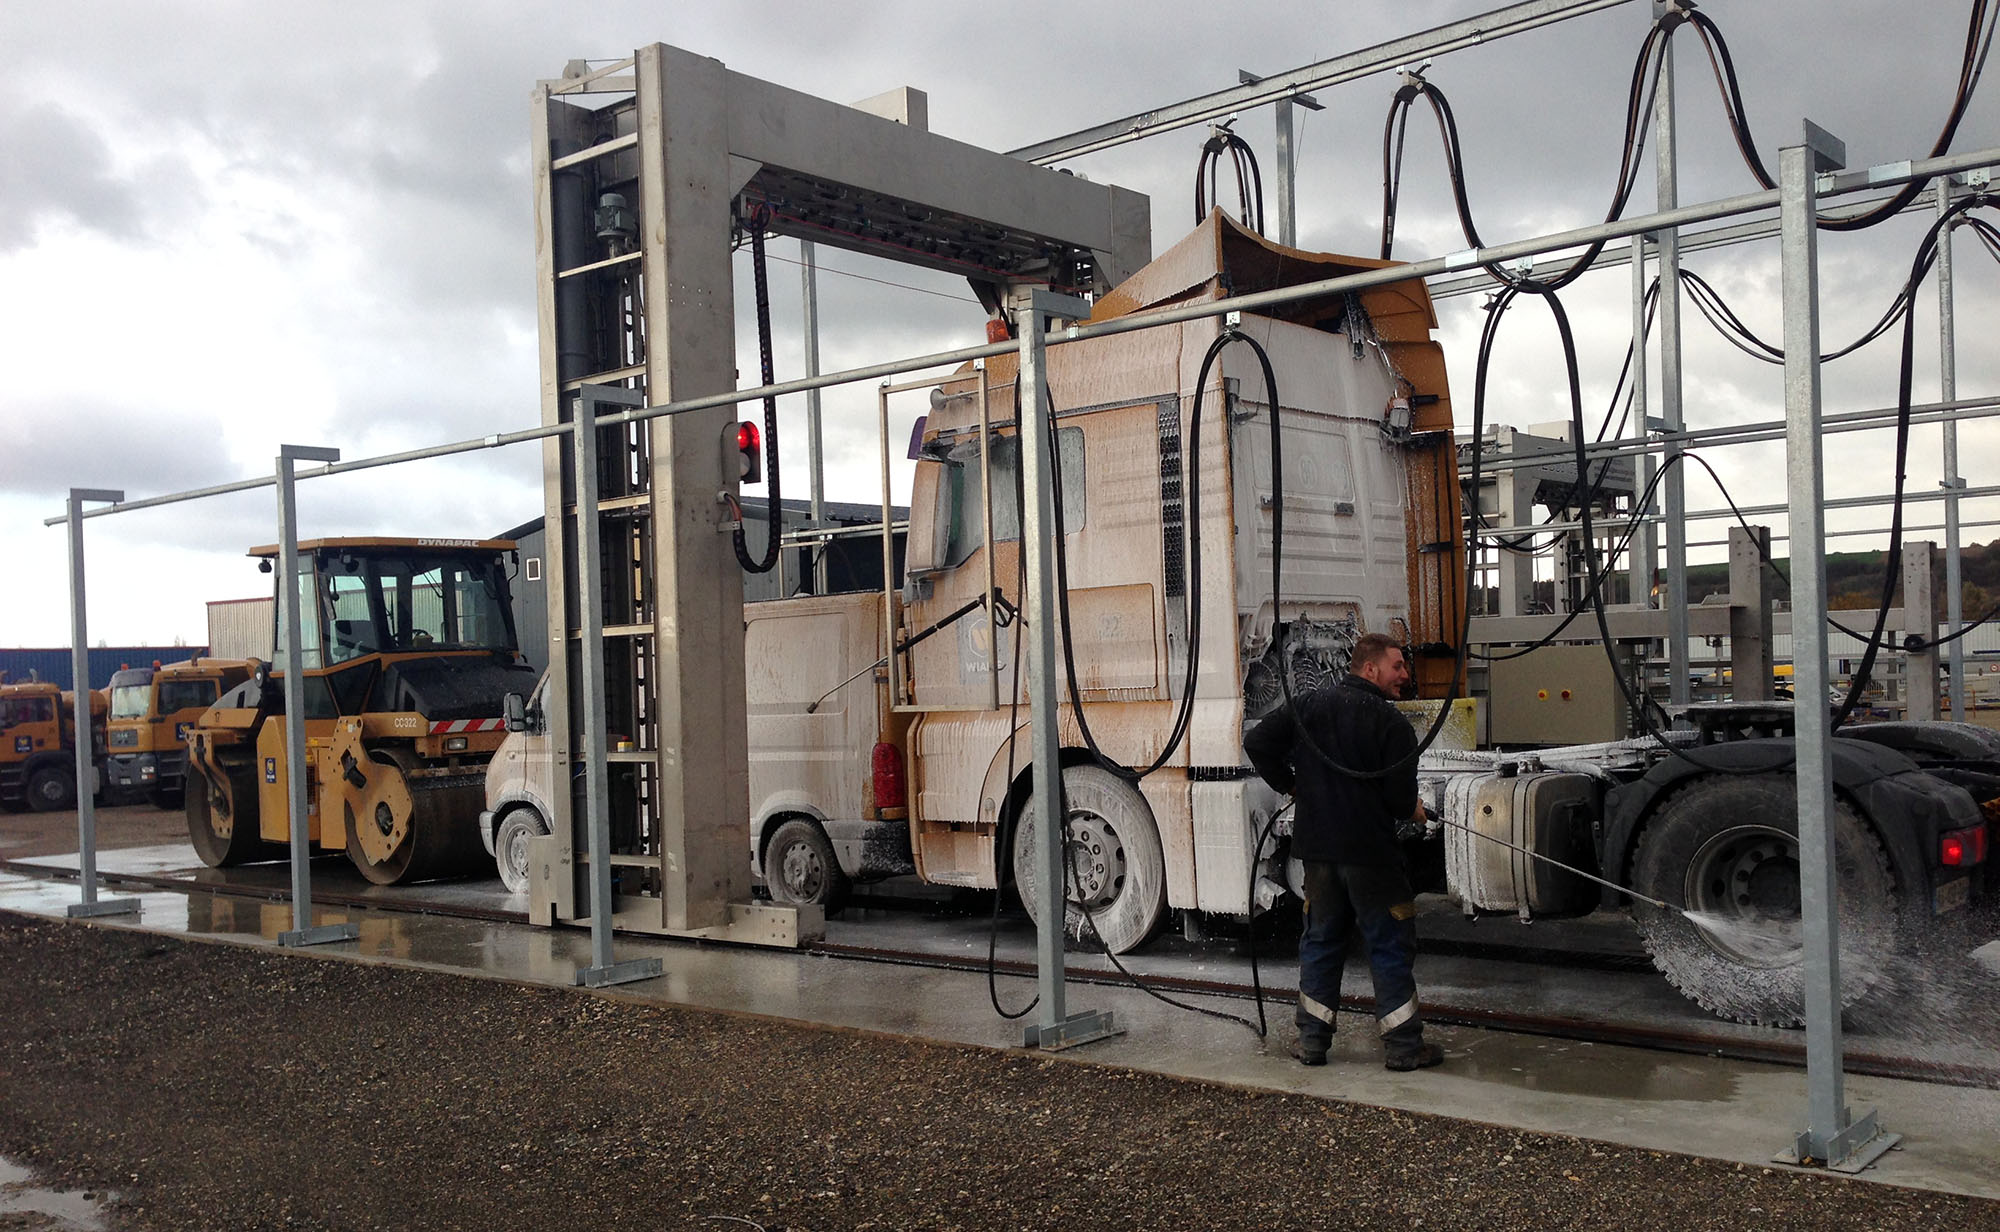 Station de lavage extérieur camion poids lourd VicOsc Mobile 1 - TEC Concept Ghislenghien